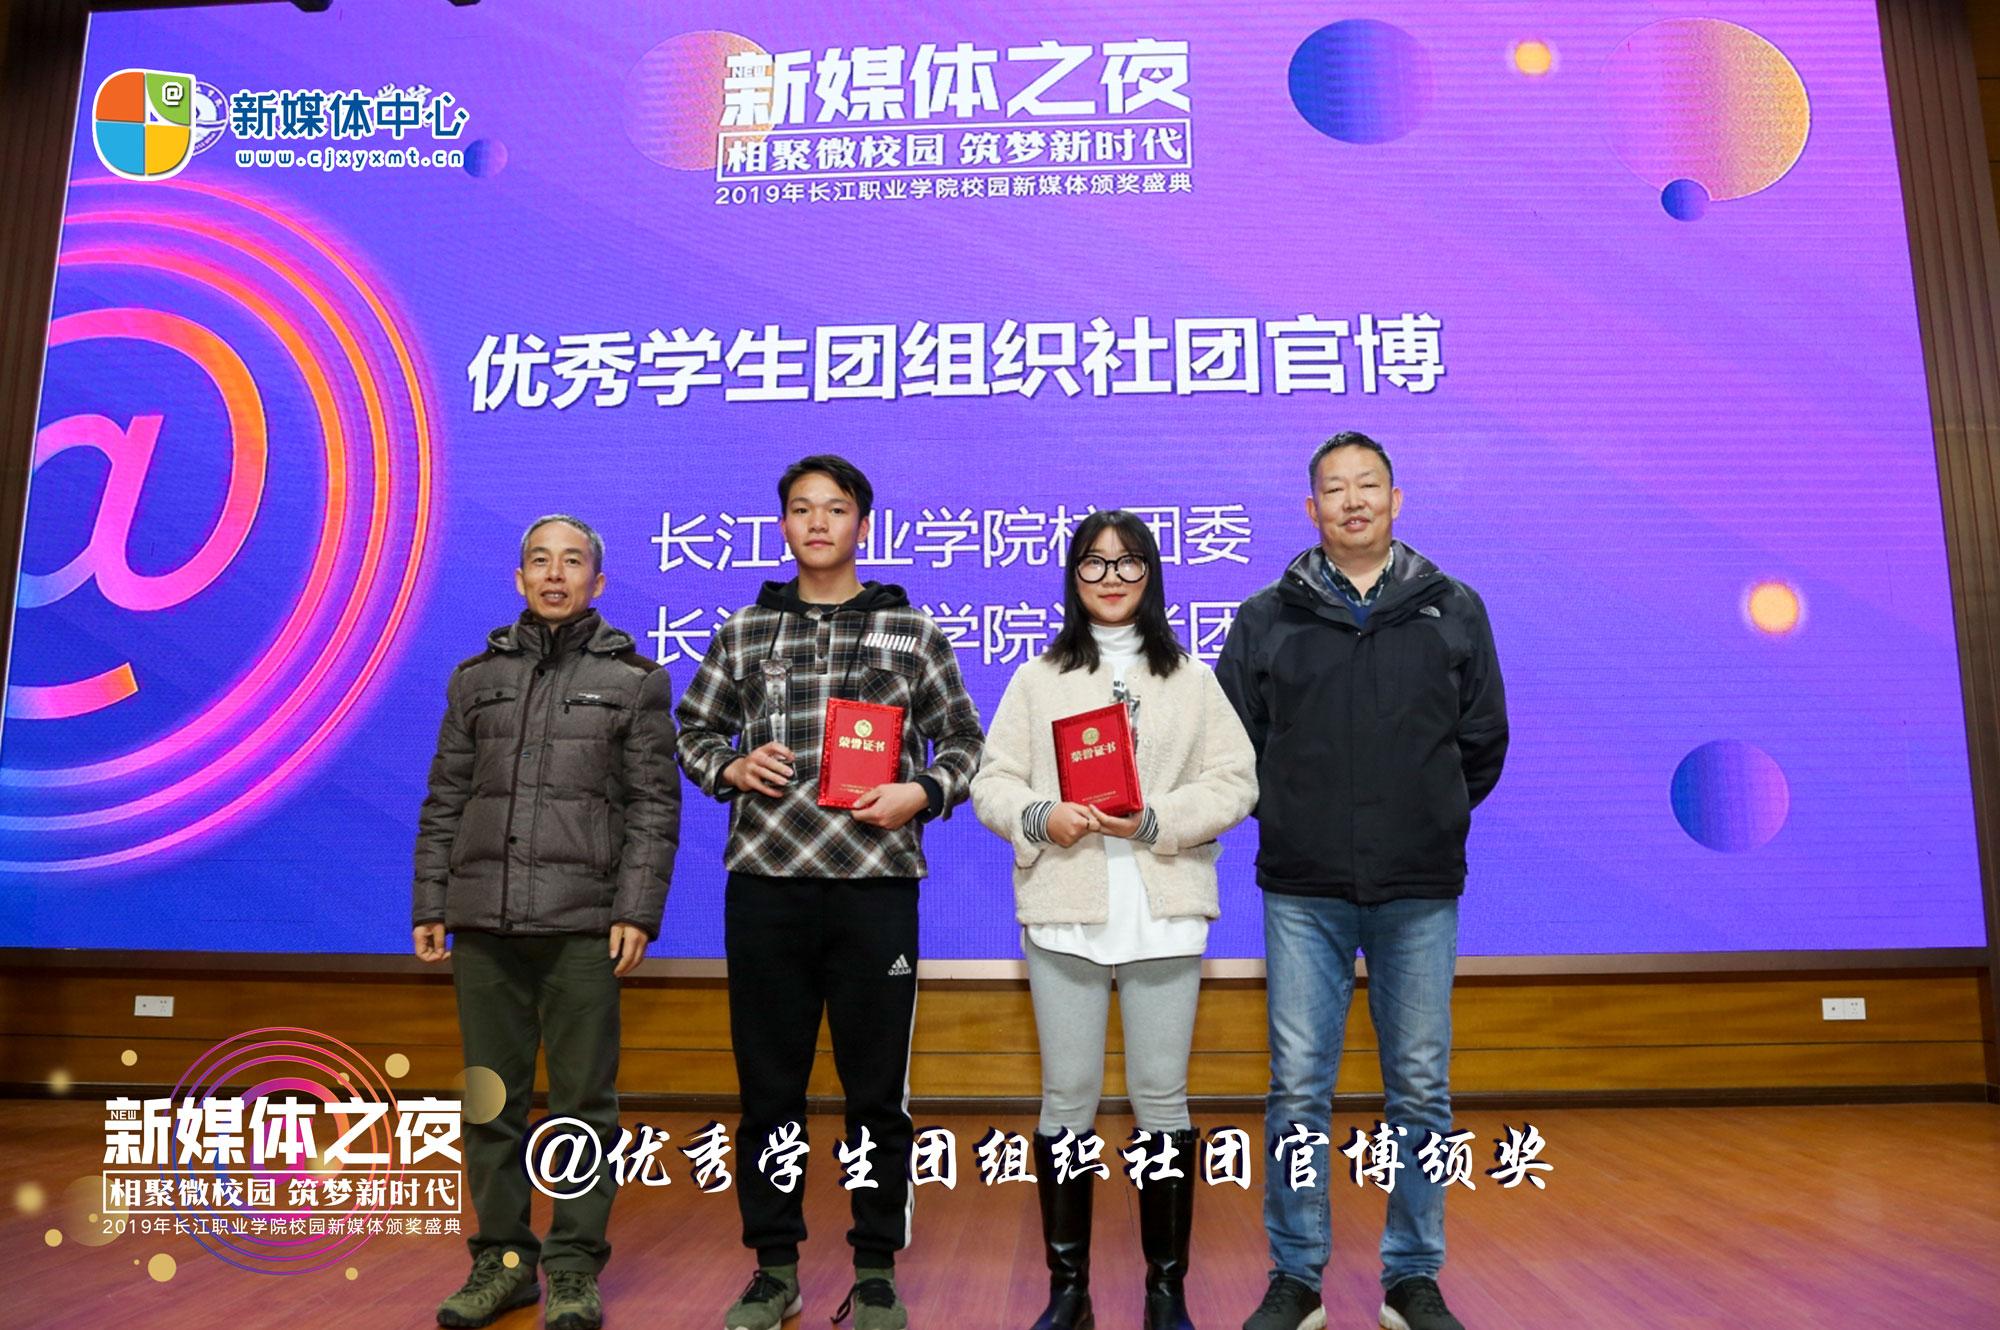 流程6 颁奖  优秀学生团组织社团微博